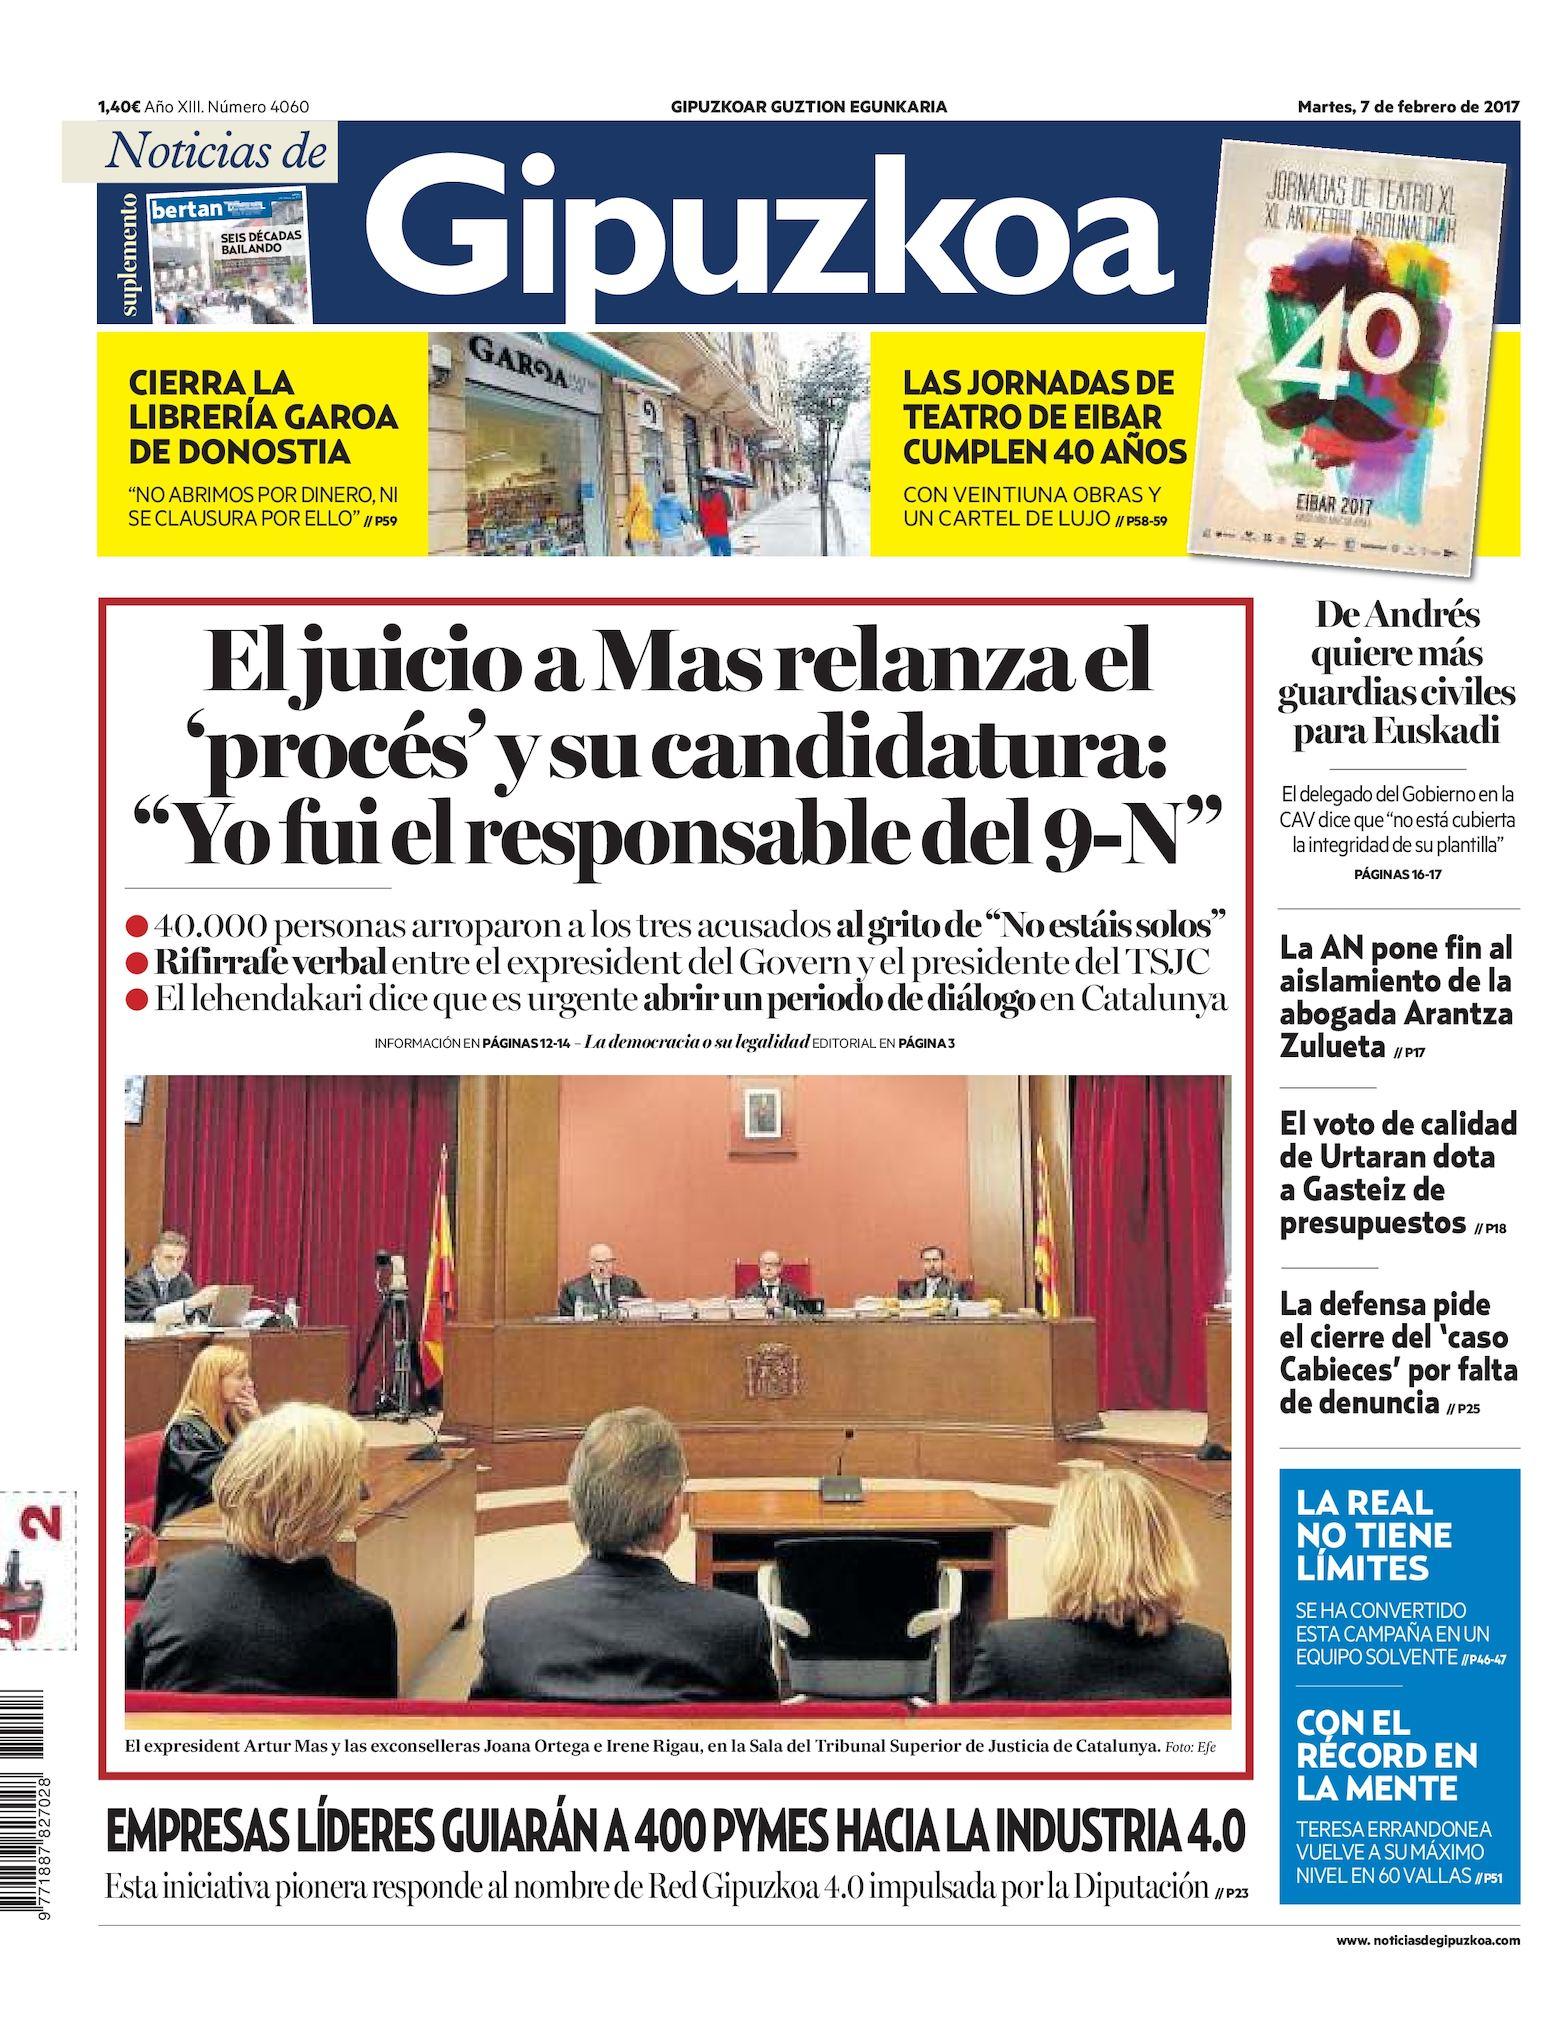 Calaméo - Noticias de Gipuzkoa 20170207 5290292a075